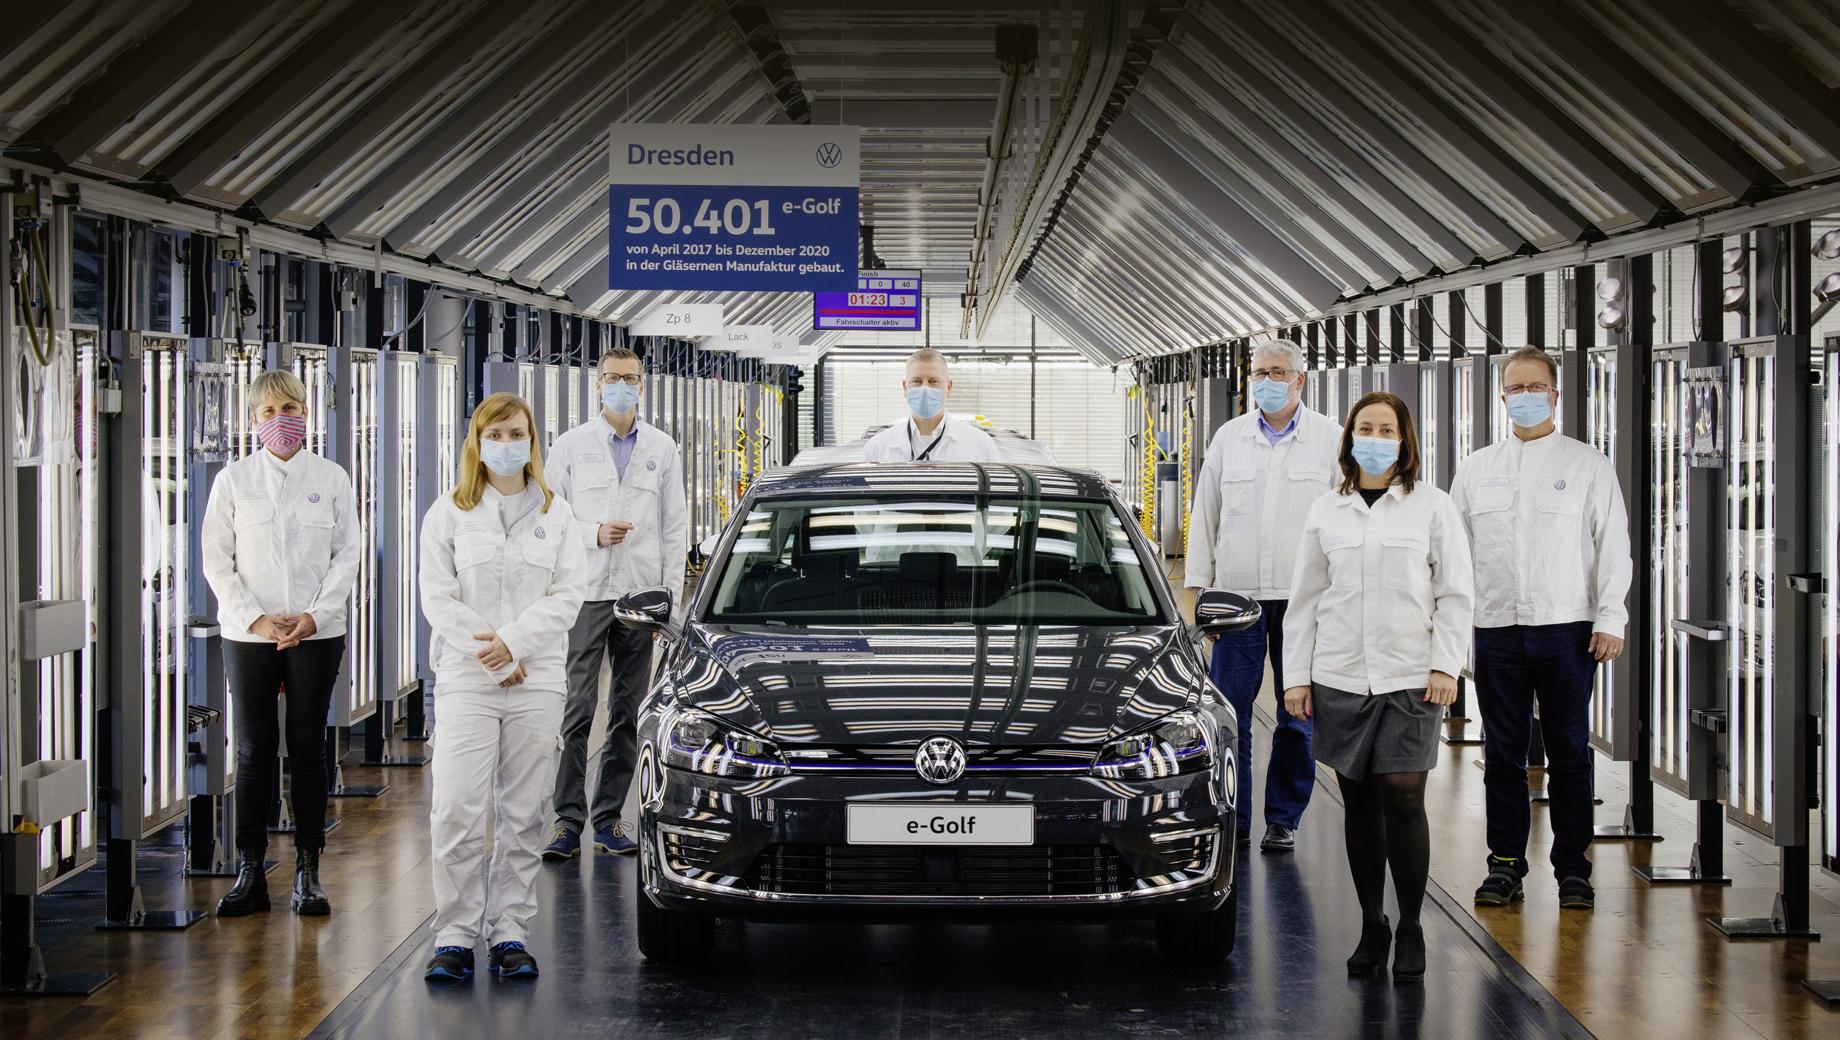 Volkswagen e-golf,Volkswagen id 3,Volkswagen golf. Число 50 401 — это количество экземпляров «и-гольфа», собранных именно в Дрездене (где машина стояла на конвейере с марта 2017-го). Сообща с Вольфсбургом (там эта модель жила с марта 2014-го по лето 2020 года) выпущен 145 561 e-Golf.